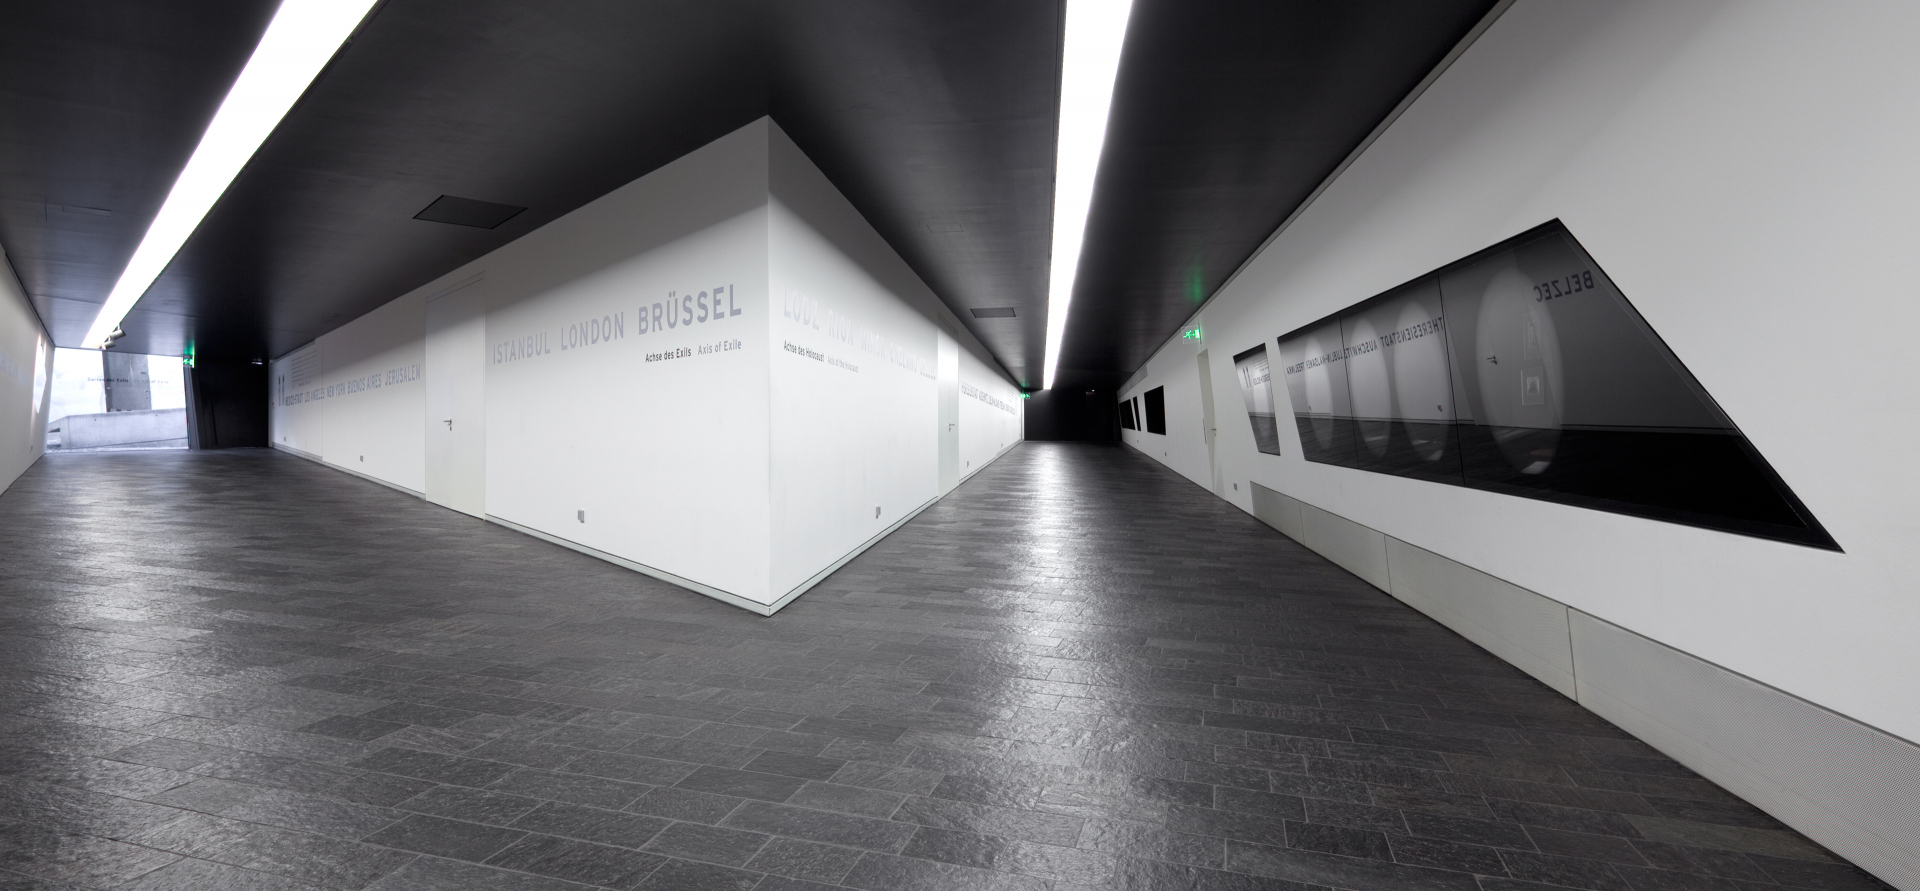 Fotografie: Blick in zwei Achsen, in den Wänden eingelassene Vitrinen und Städtenamen